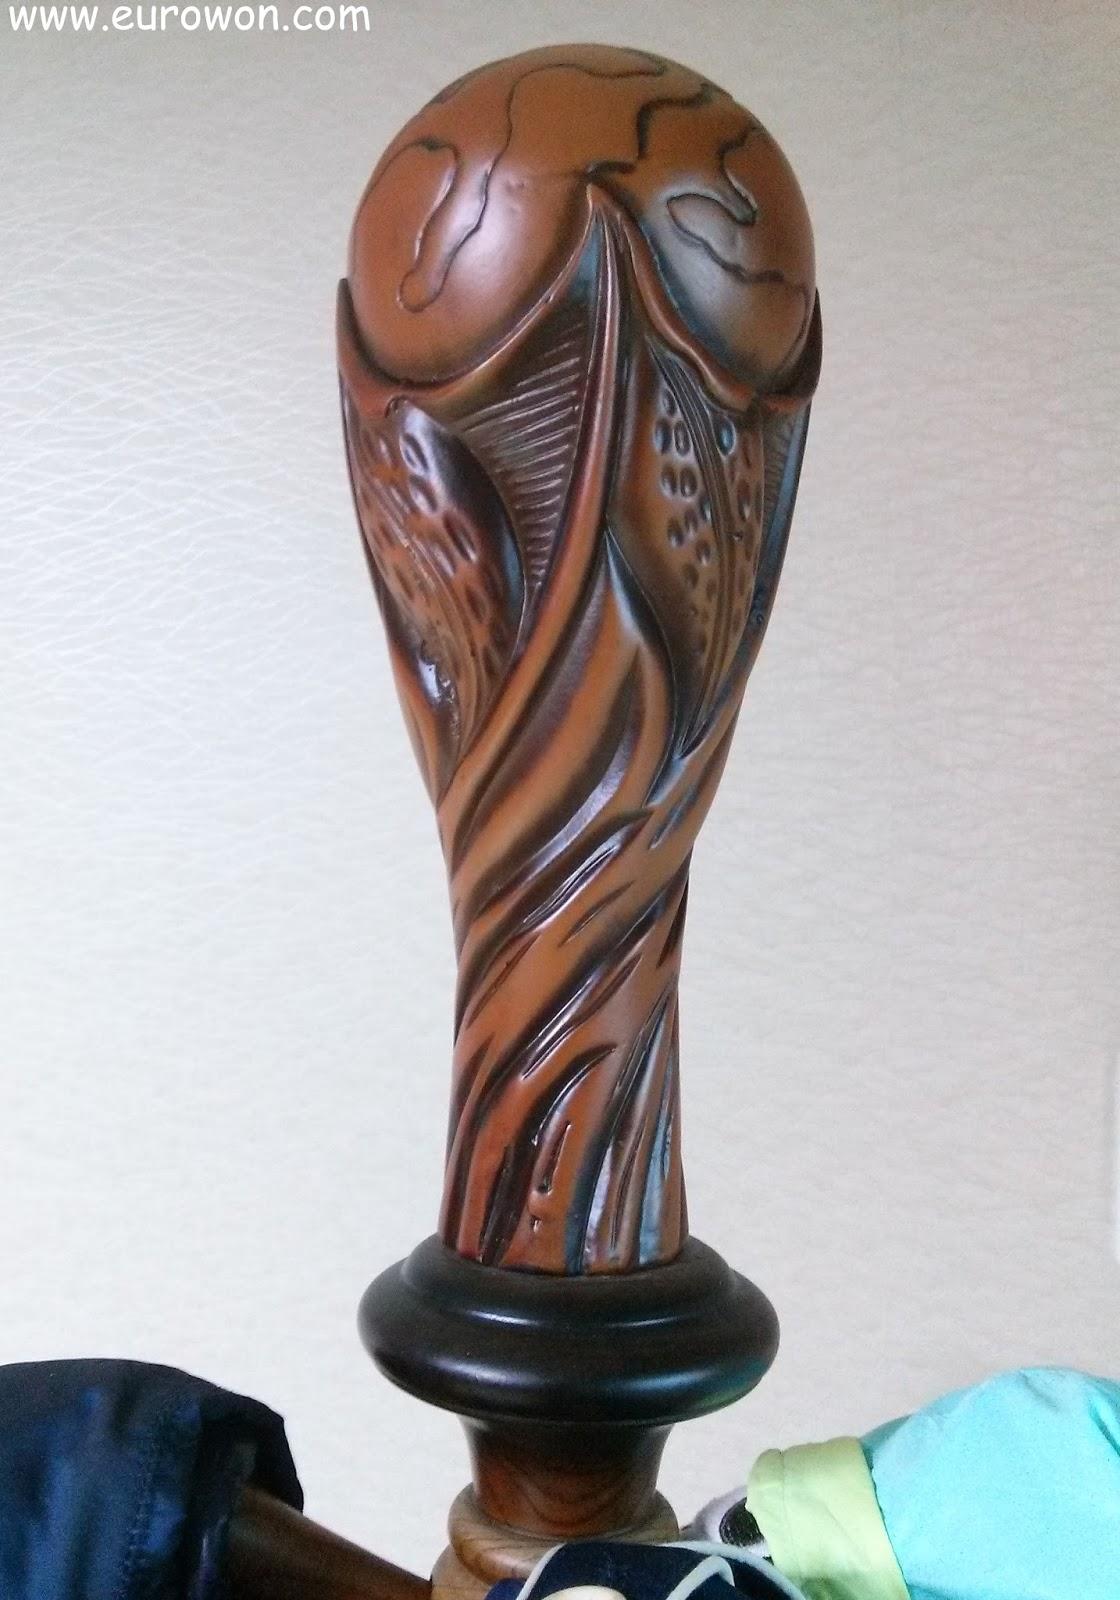 Trofeo de madera de la Copa del Mundo de Fútbol